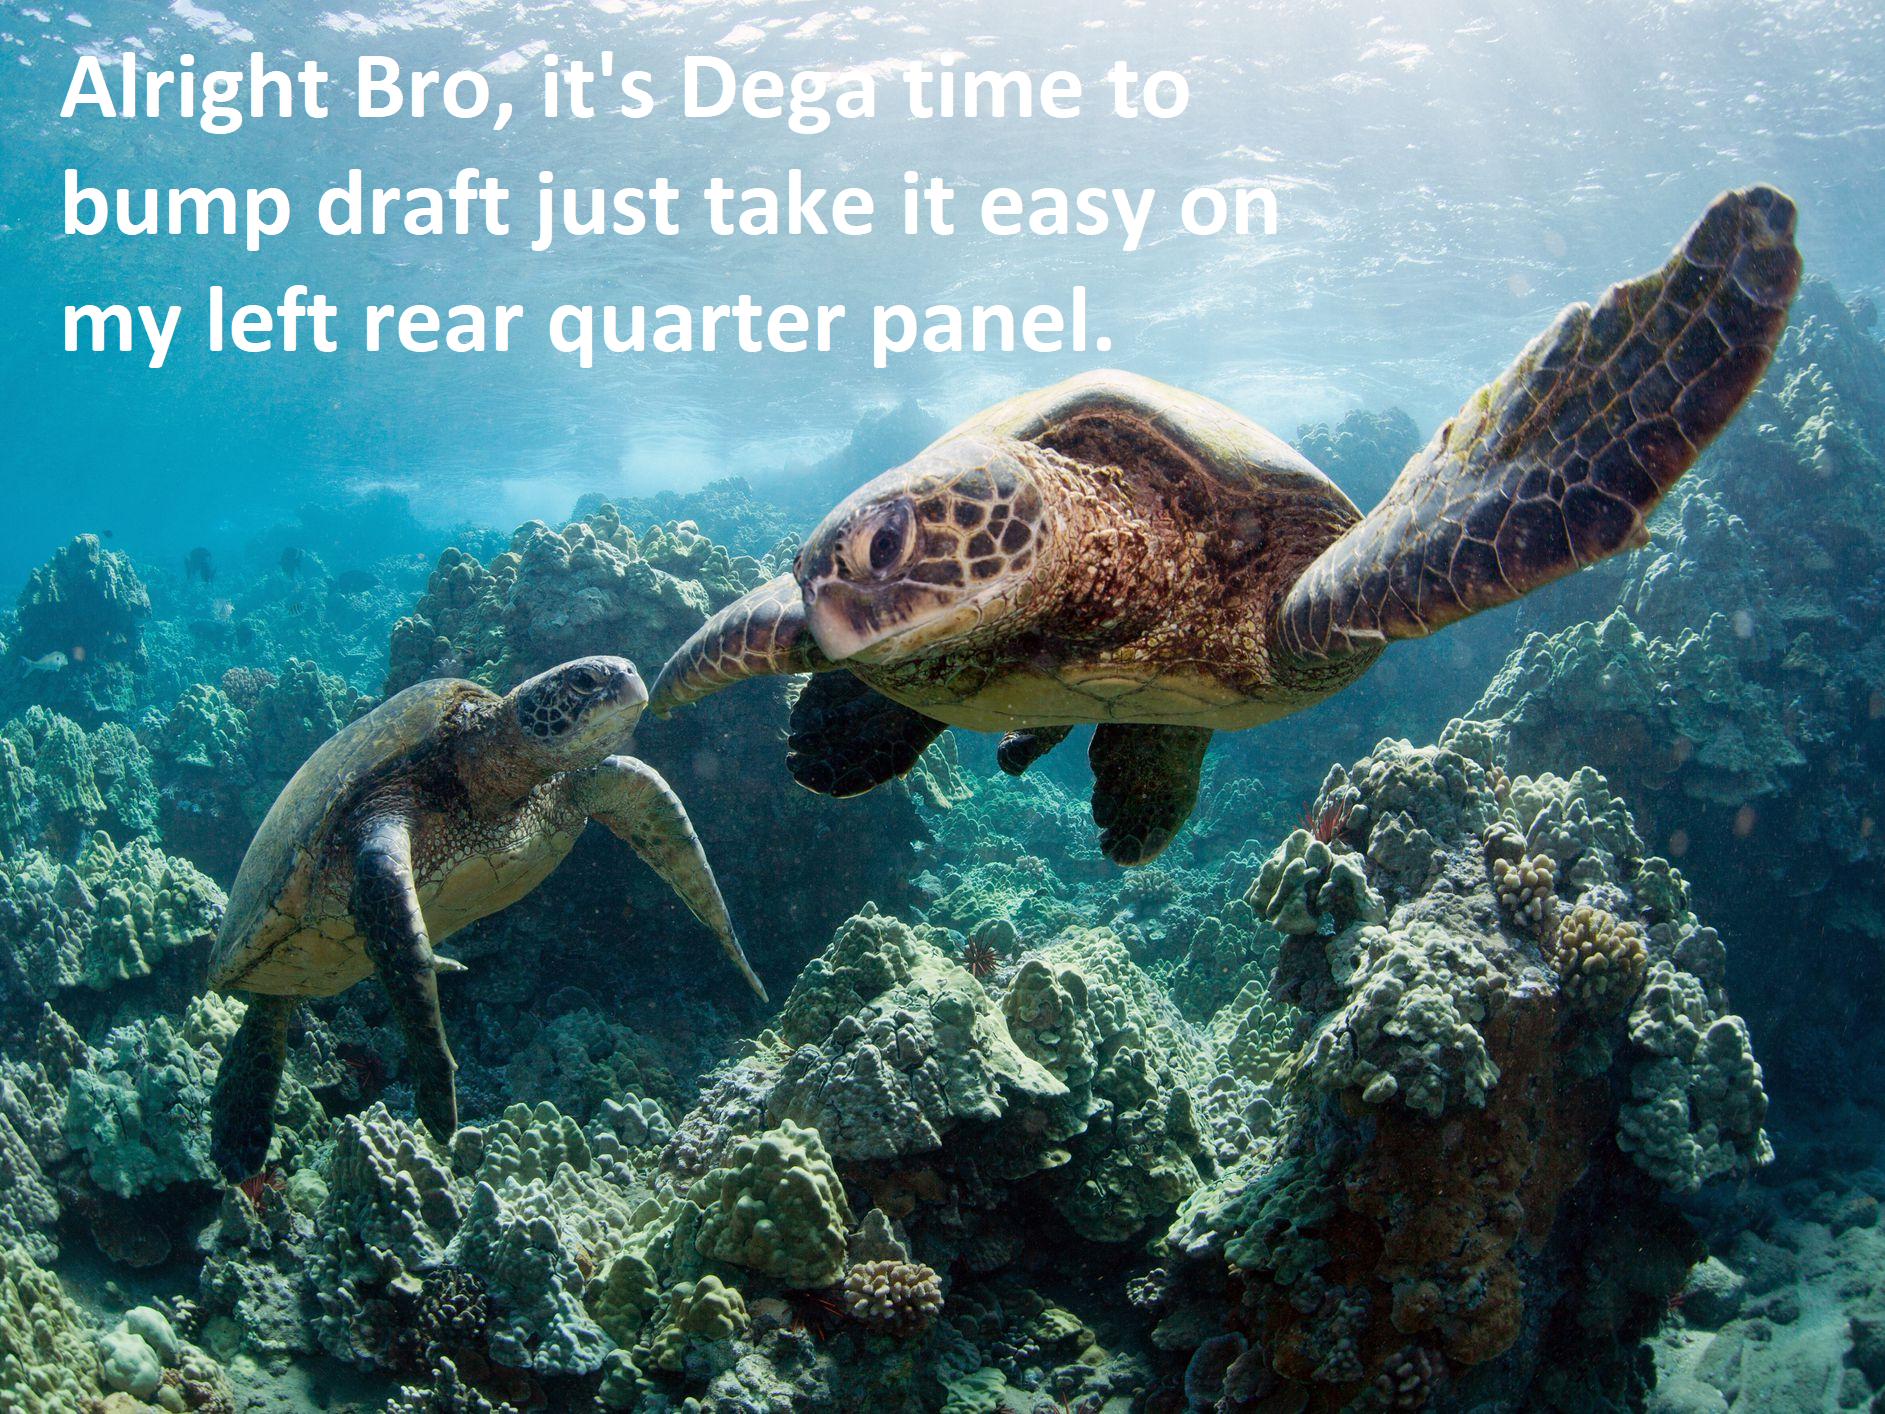 Dega bump draft Turtles.png